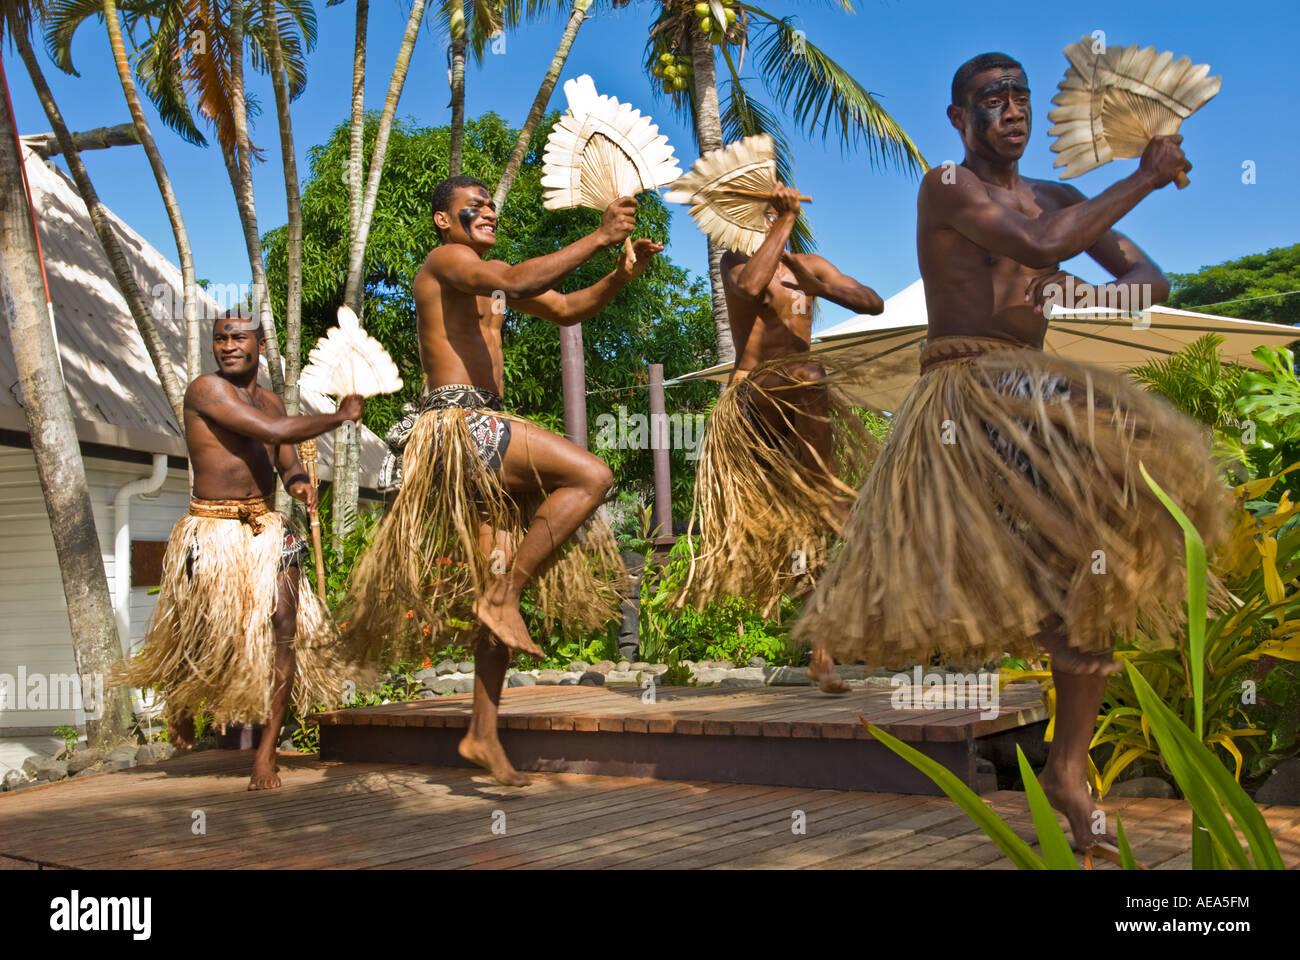 Las islas de Fiji, Viti Levu SIGATOKA kalevu pacífico sur centro cultural villa histórica tradición Imagen De Stock